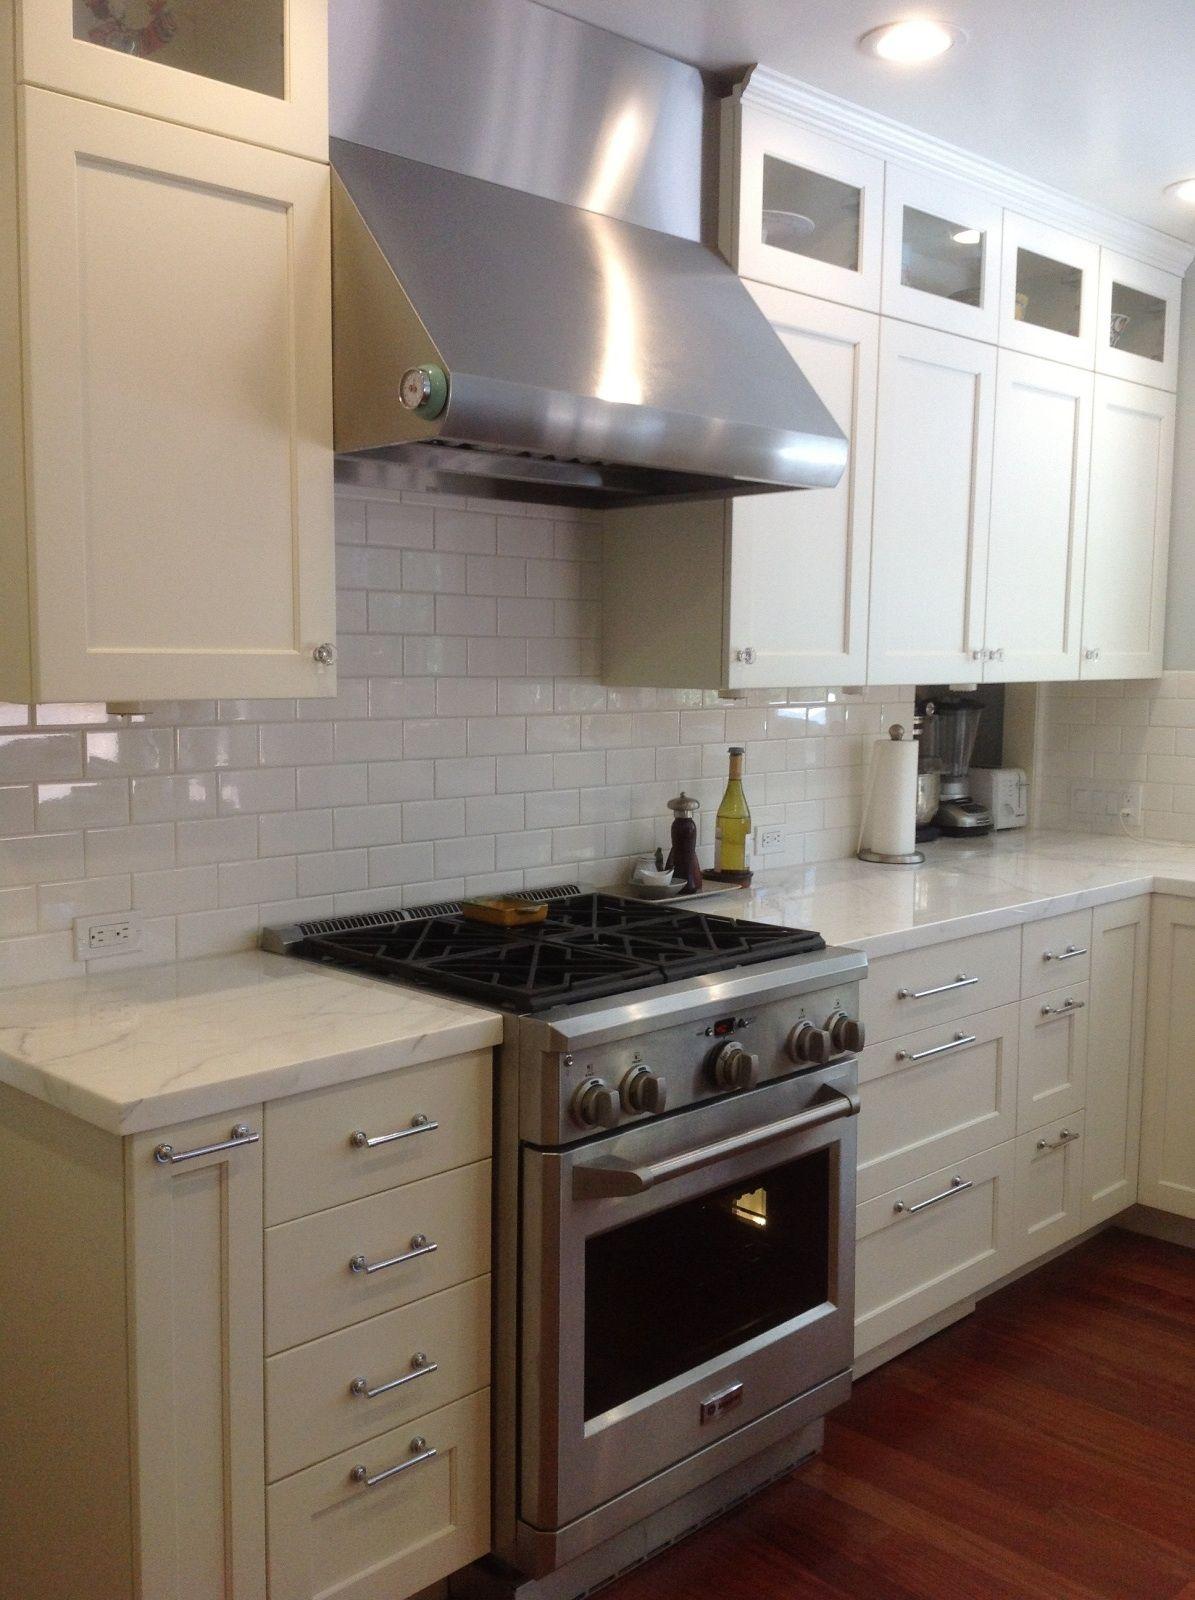 Innermost Cabinets And Good Undersink Garbarge White Kitchen Kitchen Kitchens Bathrooms